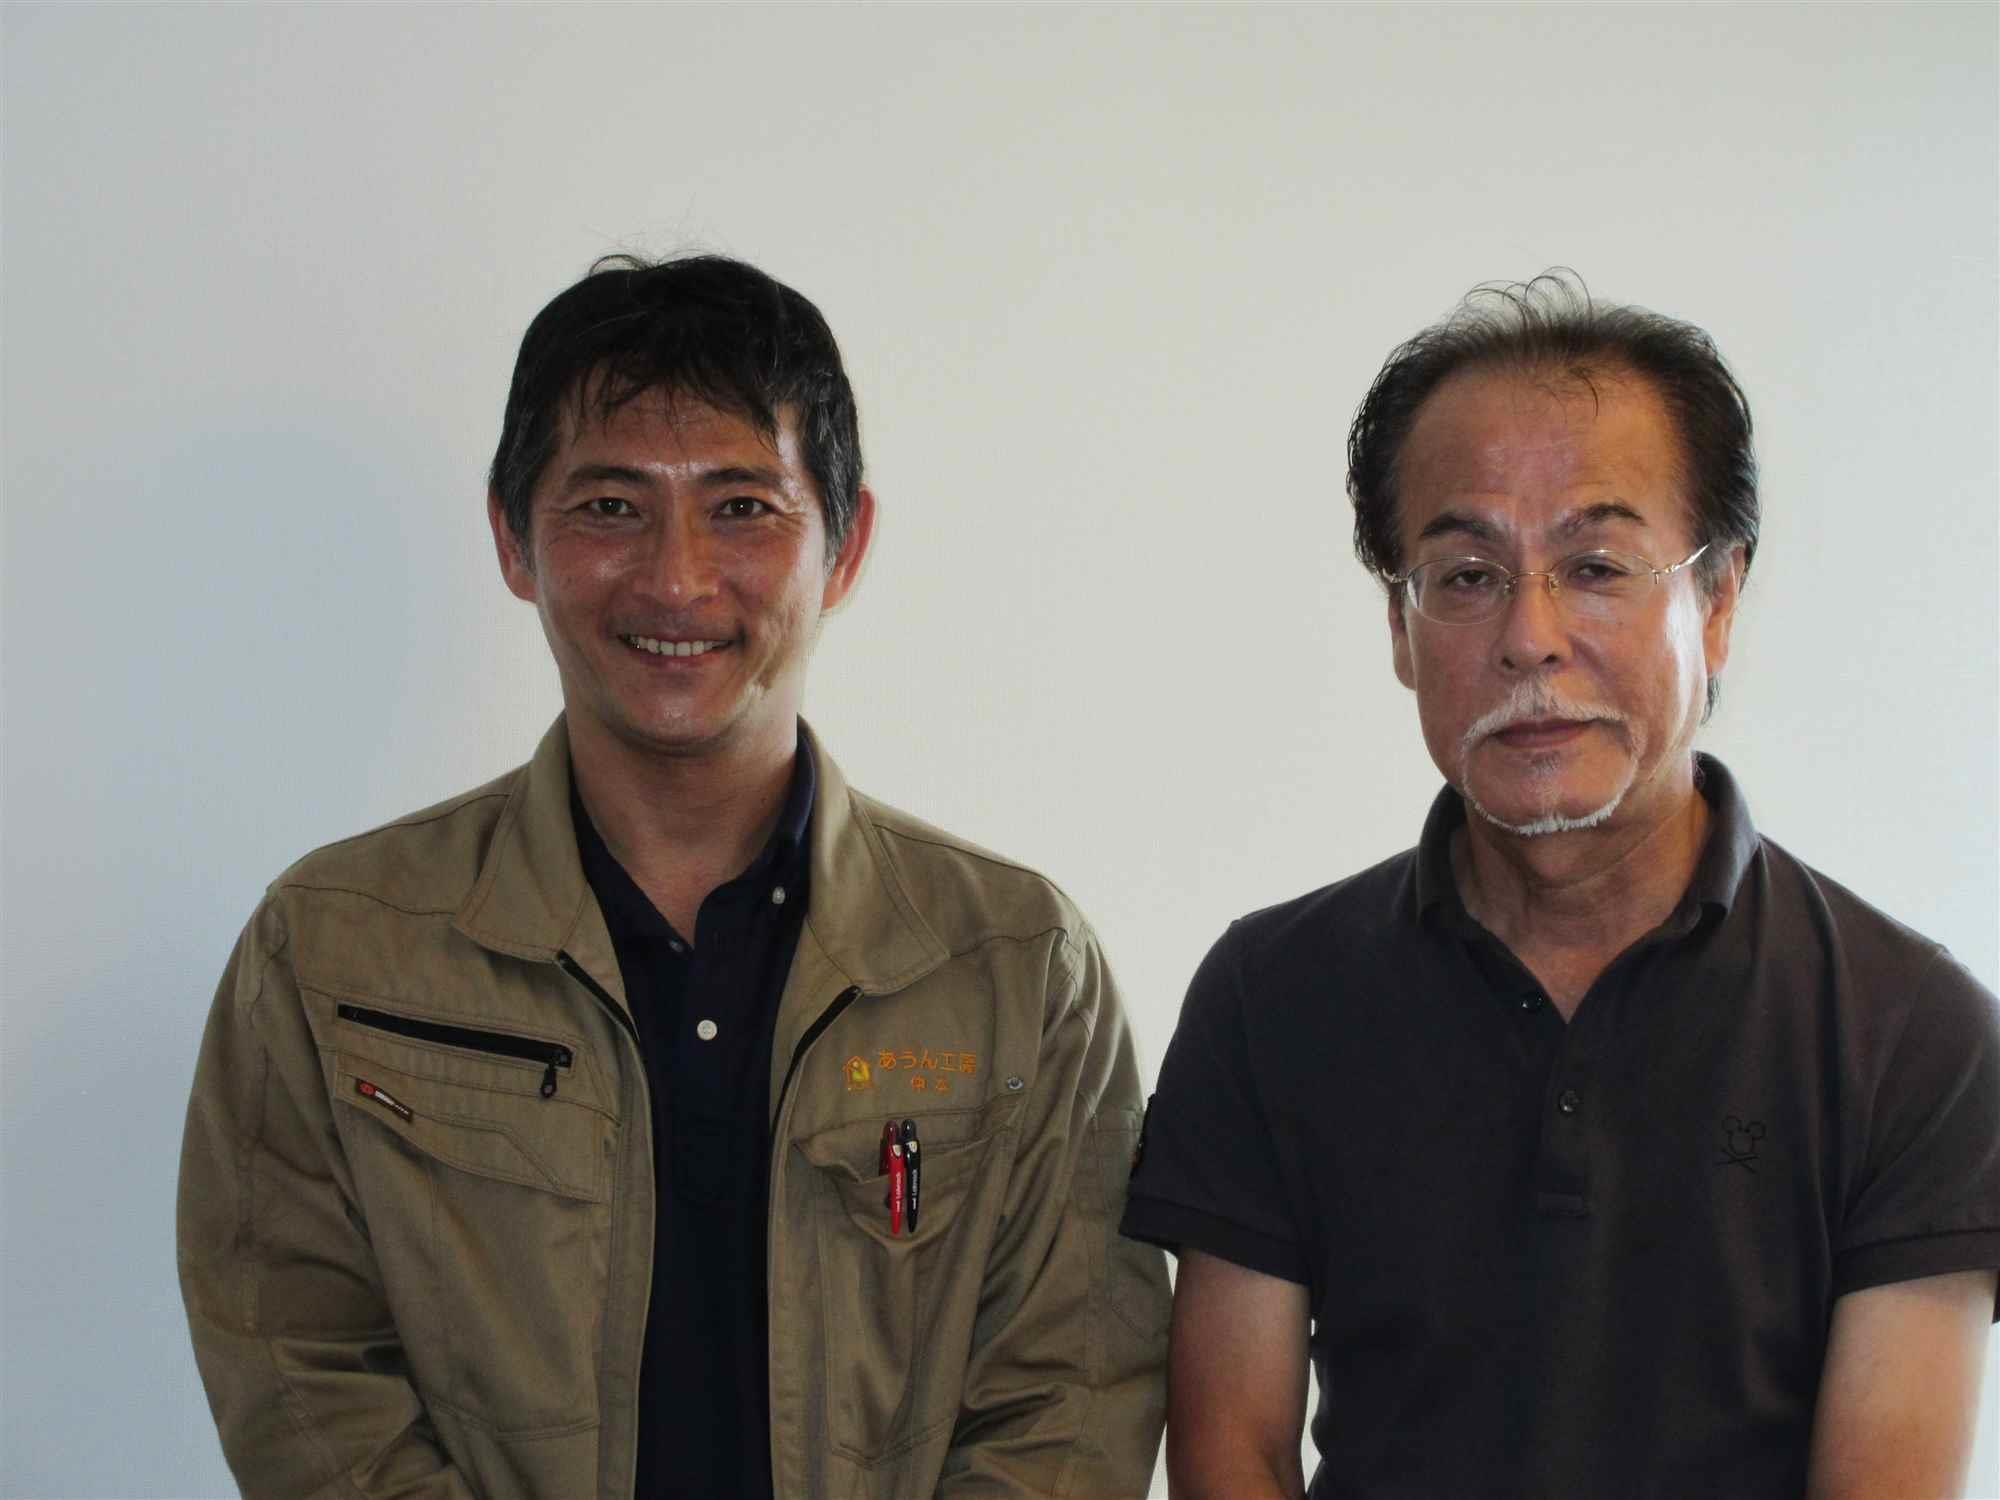 沖縄・那覇のリフォーム 実際のお客様の写真:自分の生活スタイルにあった自分リフォ-ム